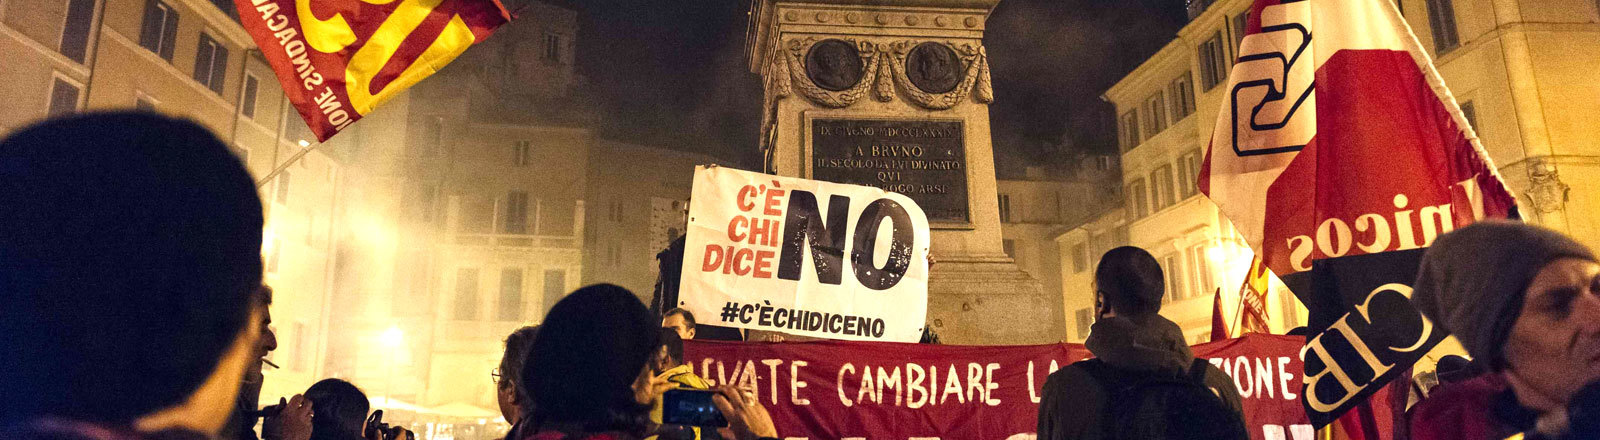 In Rom feiern Demonstranten das Ergebnis eines Referendums 2016 über eine Verfassungsänderung.